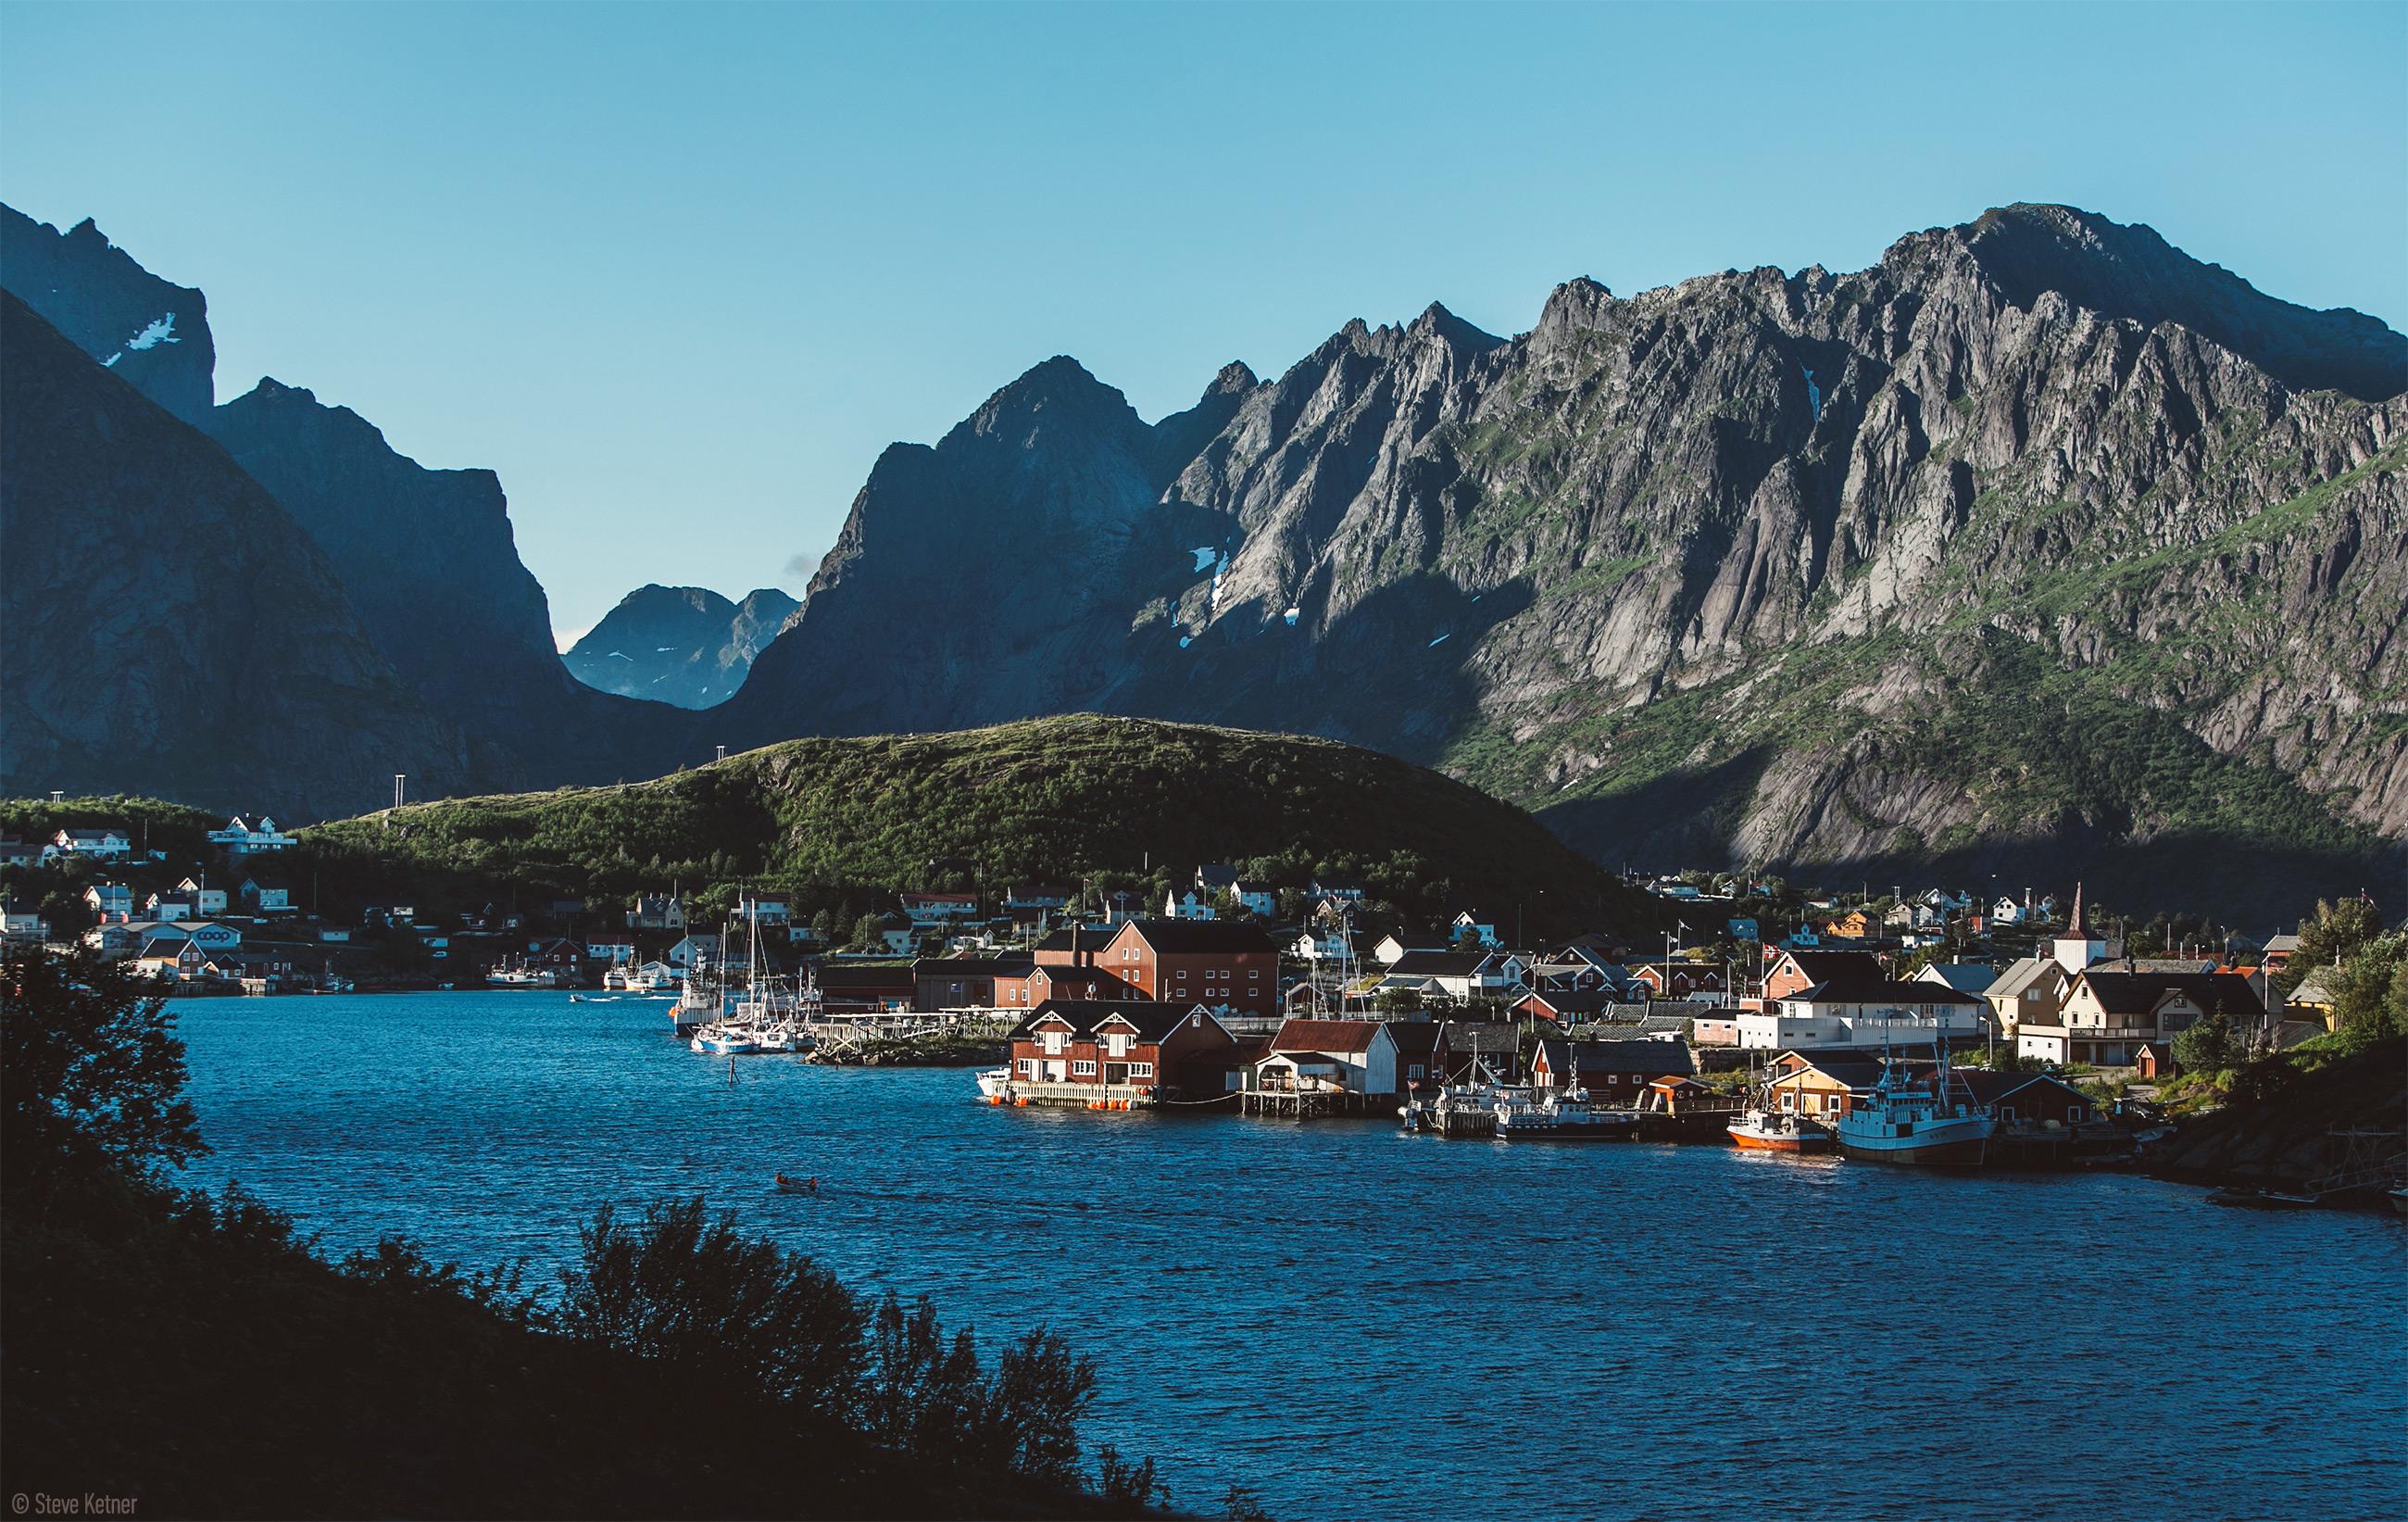 Steve Ketner - Reine City, Norway